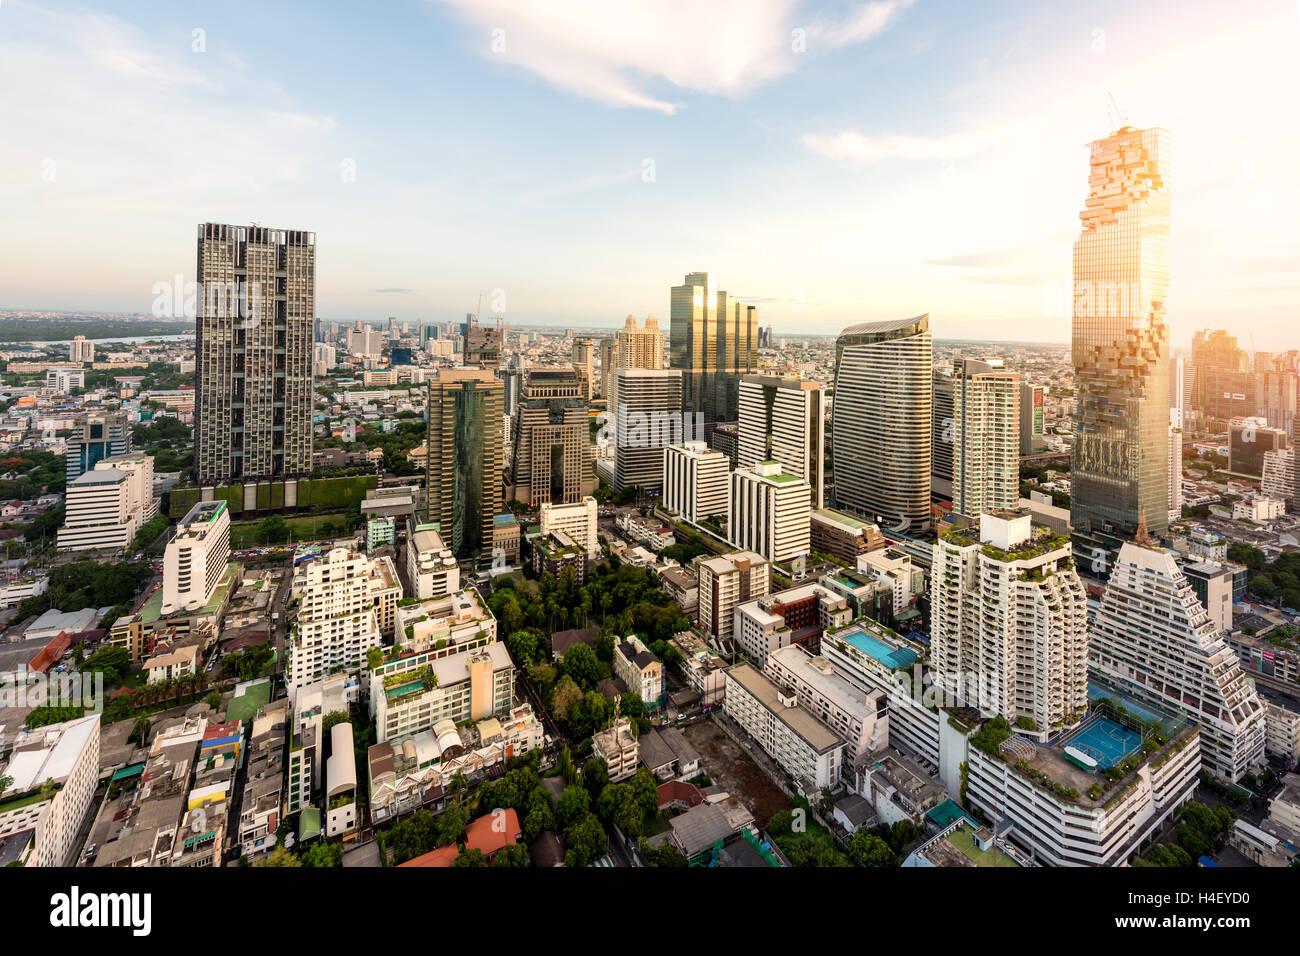 Vue de nuit de Bangkok avec des gratte-ciel dans le quartier des affaires de Bangkok en Thaïlande. Photo Stock